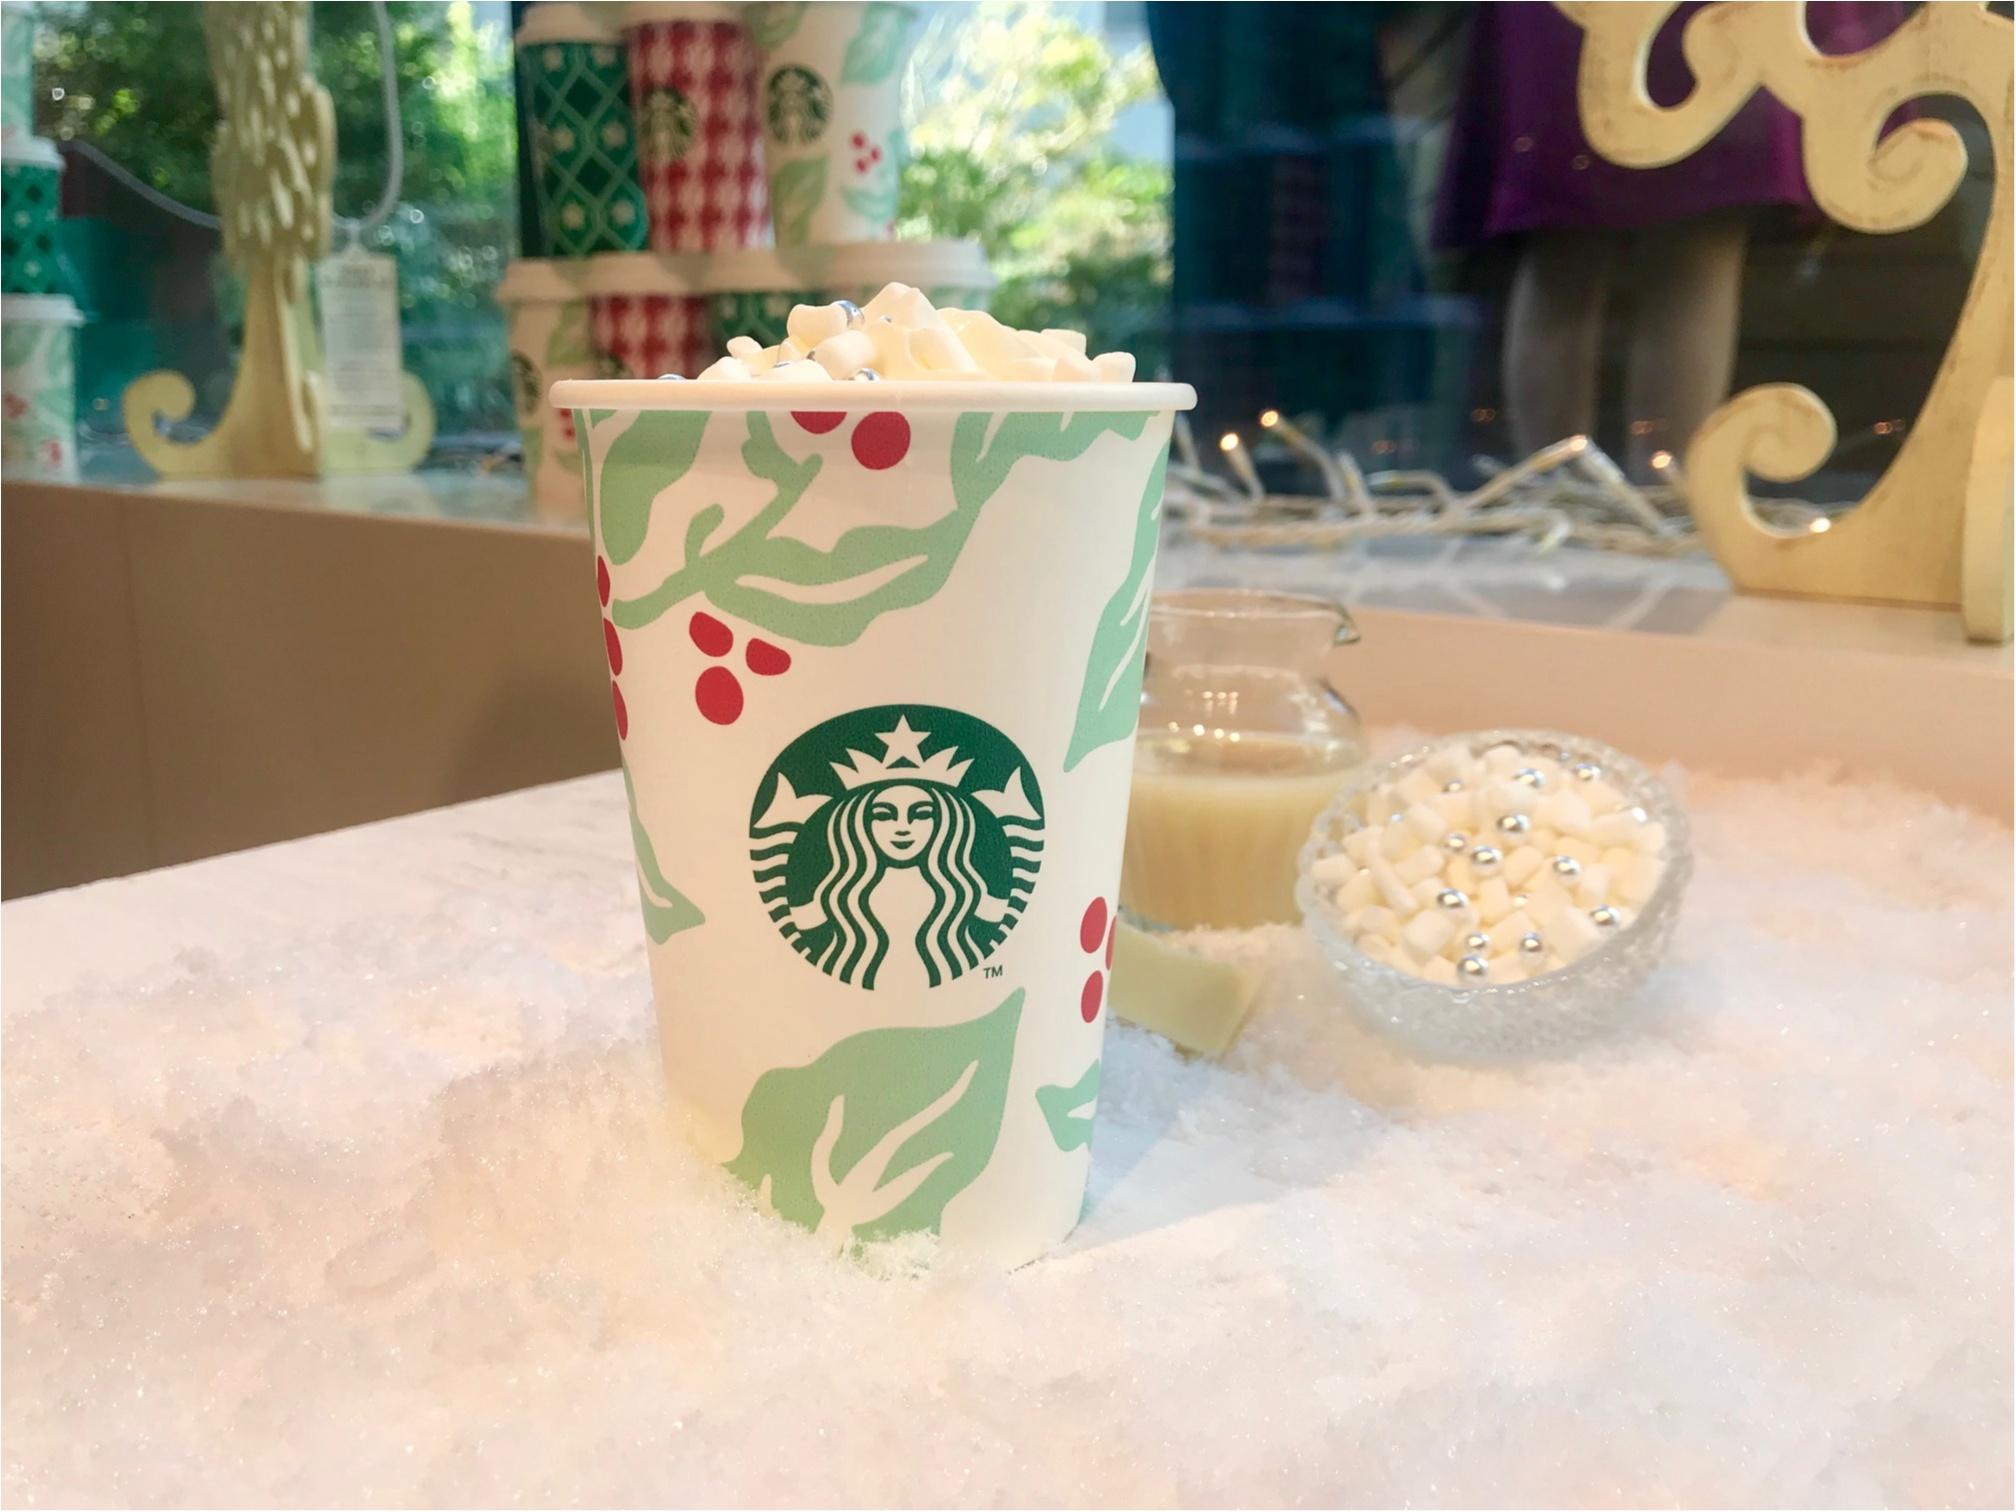 【スタバ新作試飲レポ】ホリデーシーズン第2弾は、新感覚の「ホワイト チョコレート」シリーズ!!_3